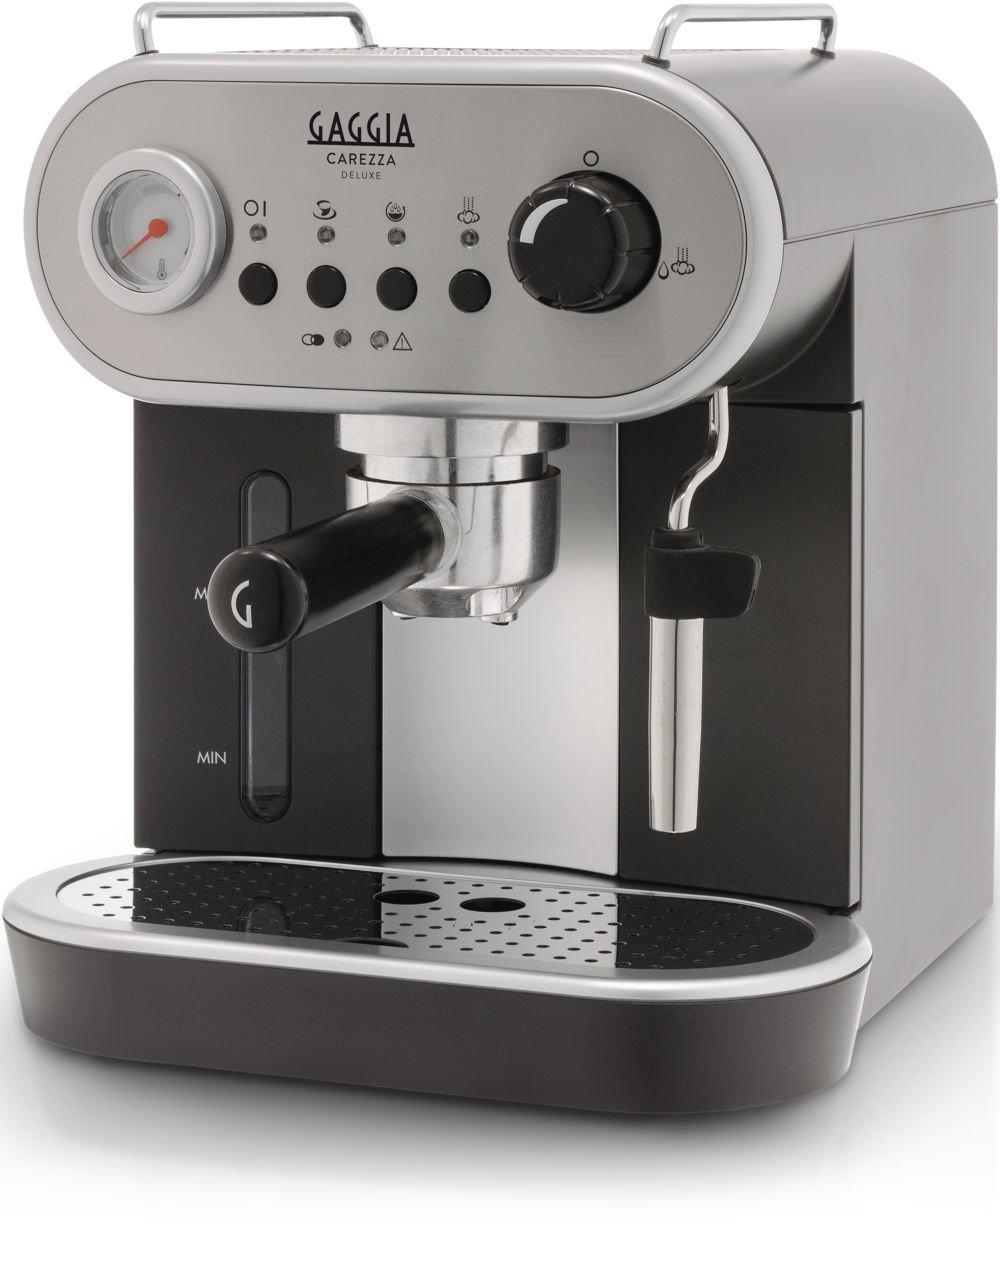 Gaggia Carezza Deluxe Espresso coffee Machine - RI8525/08 by Gaggia